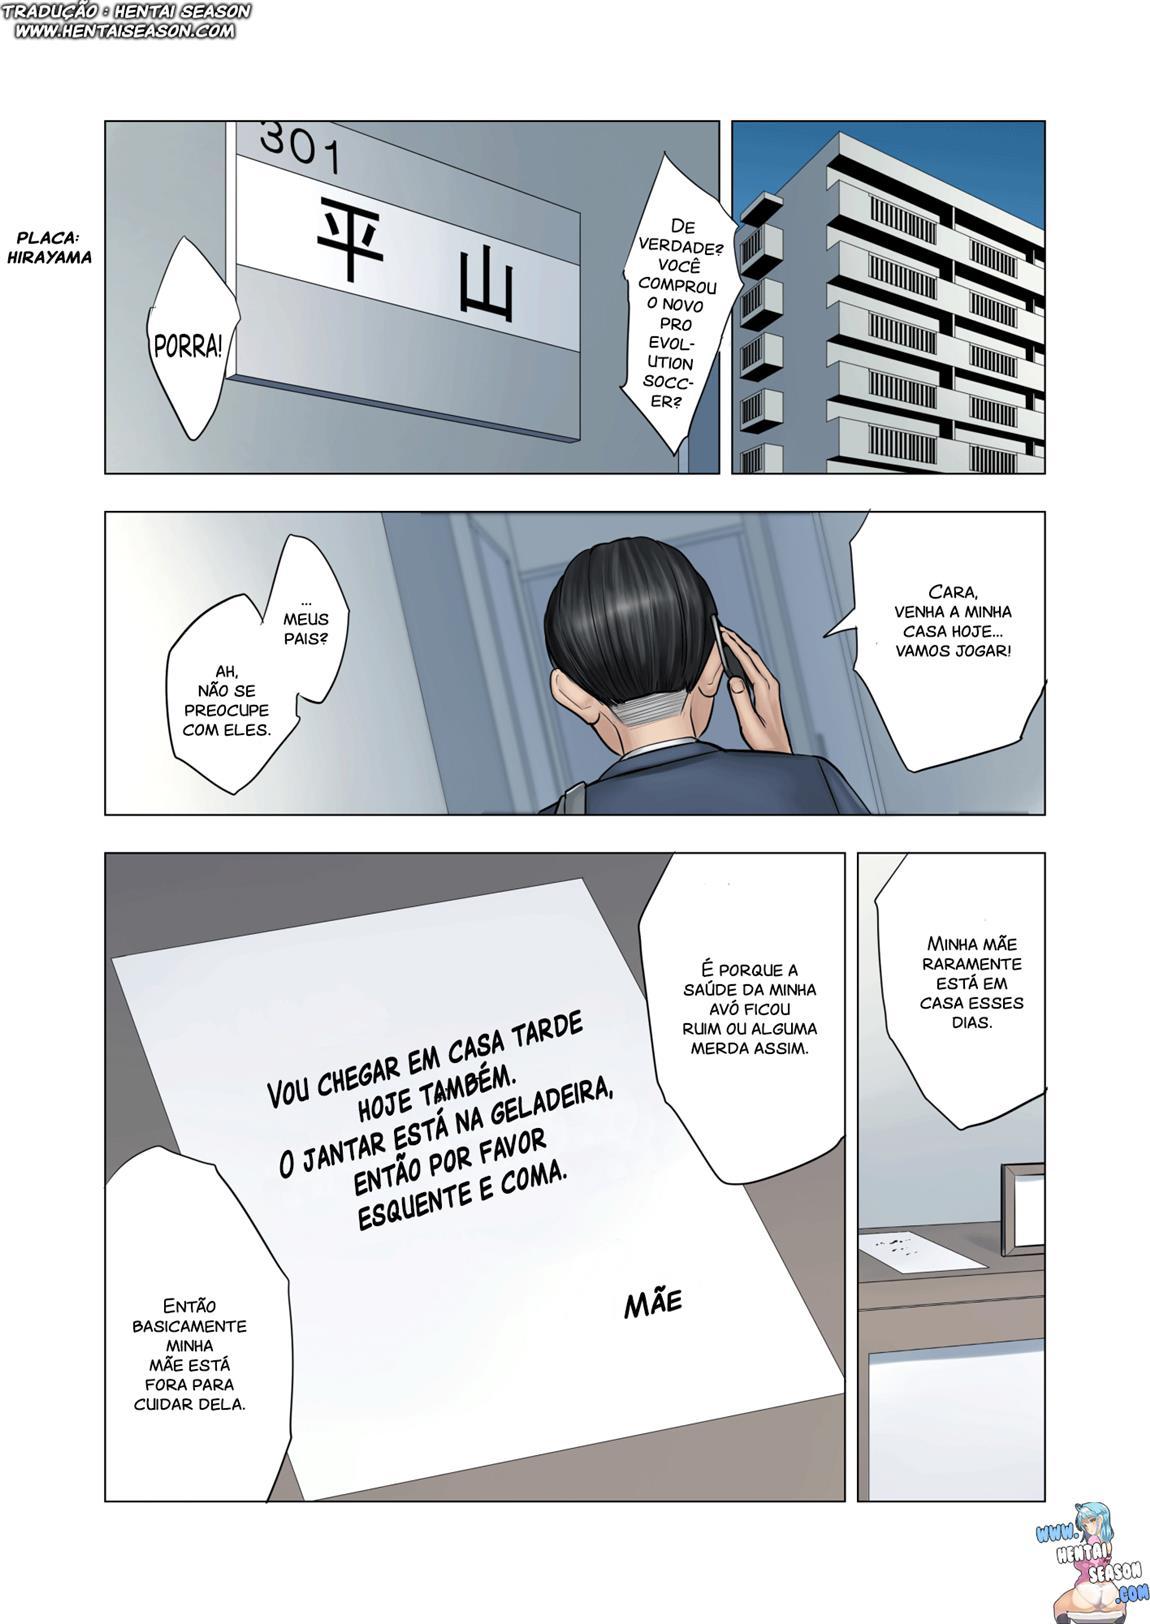 pagina_79 Use o navegador Google Chrome para leitura. Tudo mais RÁPIDO!!!!